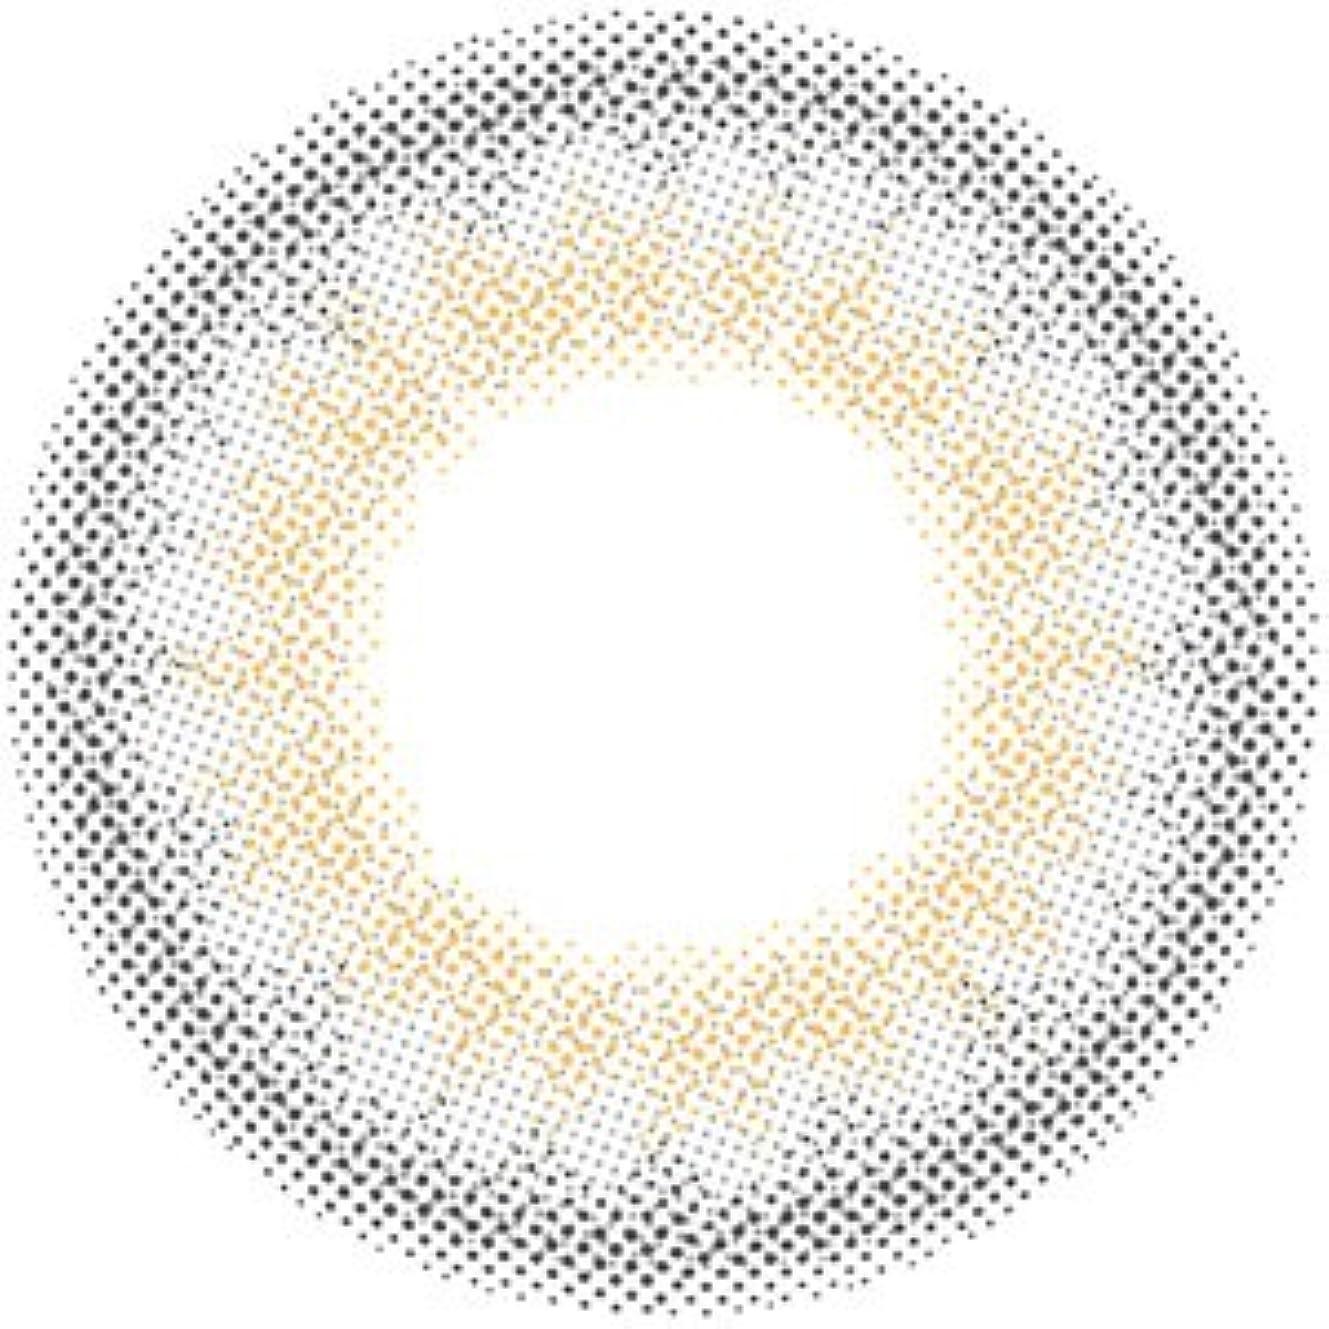 受けるゼリー冷酷なリルムーン マンスリー 2箱セット(2枚)【スキングレージュ PWR:-5.75】1ヶ月 度あり ローラ カラコン LILMOON Monthly